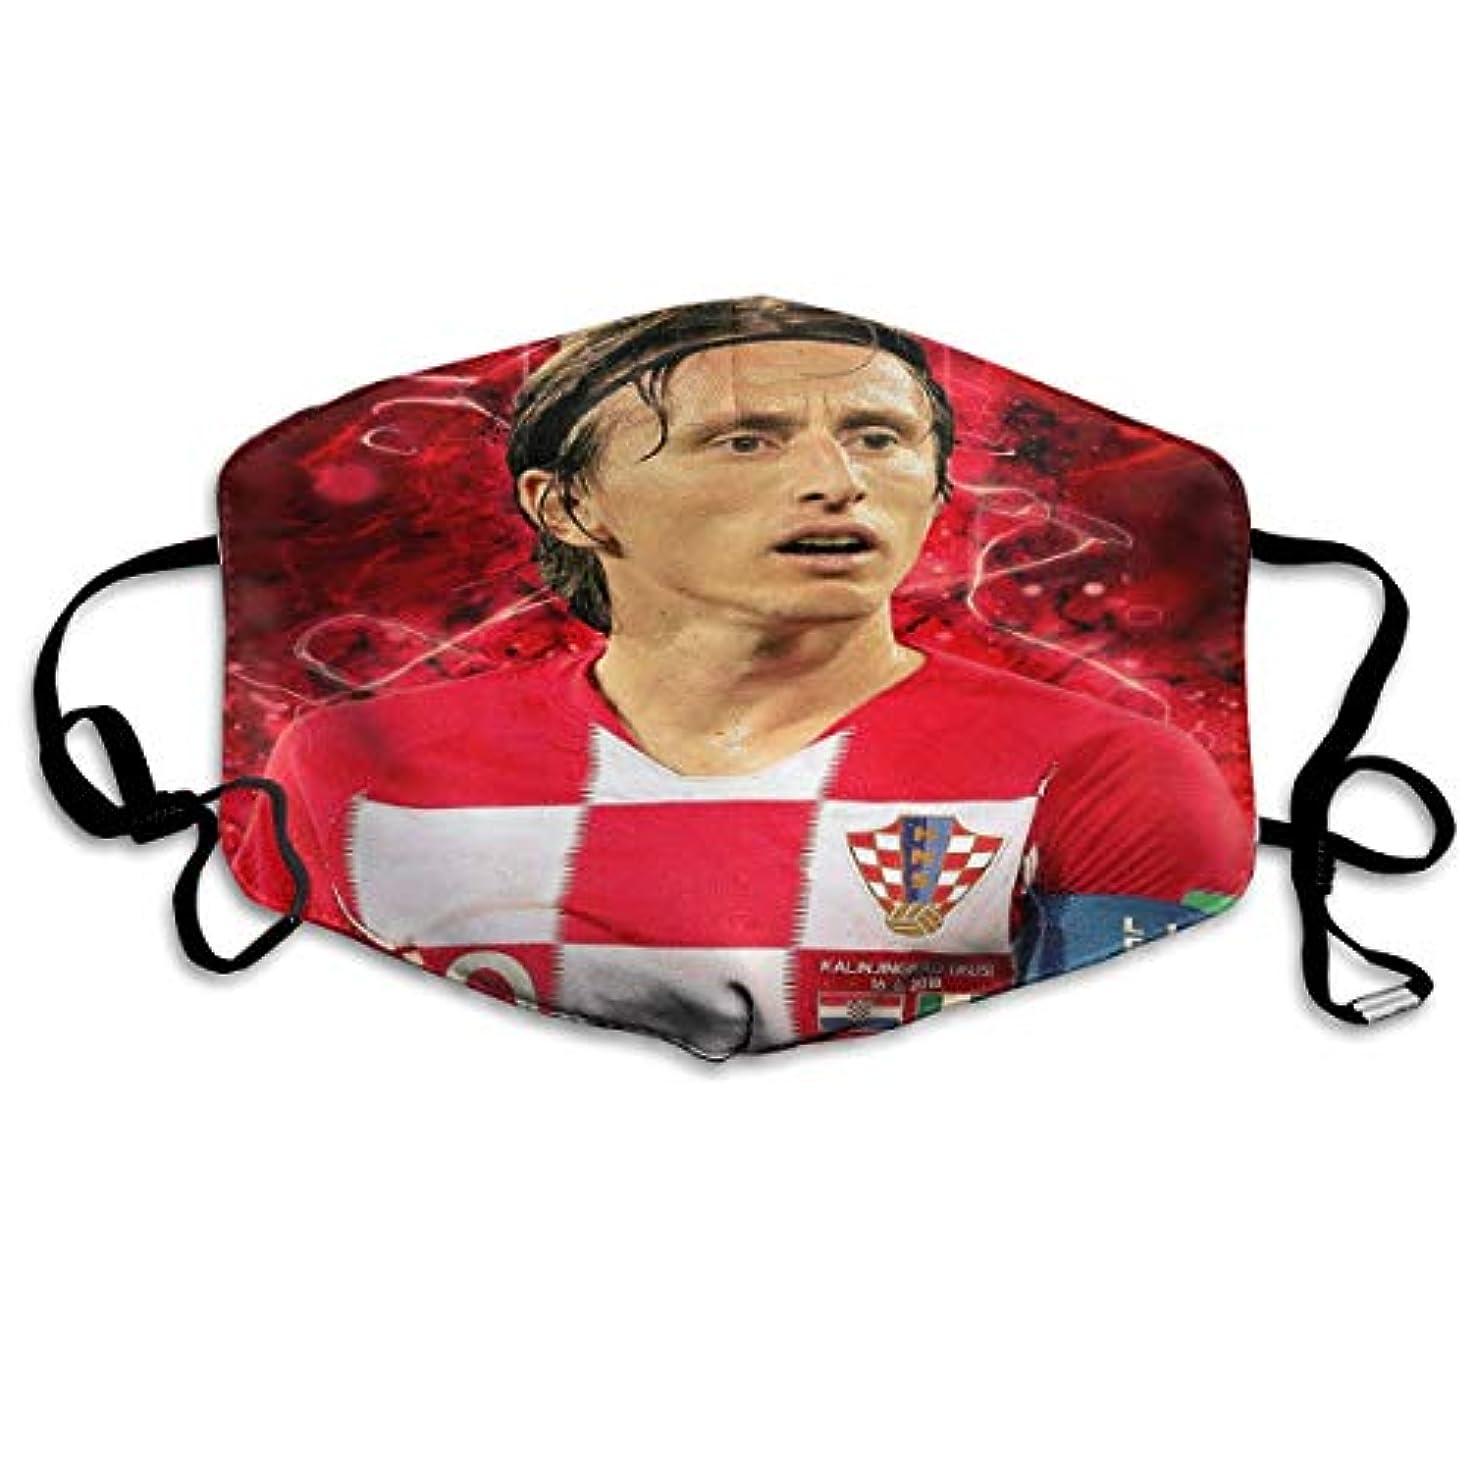 いたずらな置き場センチメートルマスク 男のマスク 女性のマスク クロアチアサッカーCroatia Luka Modric 病気を防ぐ、風邪を予防する、インフルエンザの季節性風邪を予防する、口と鼻を保護する、パーソナライズドマスク